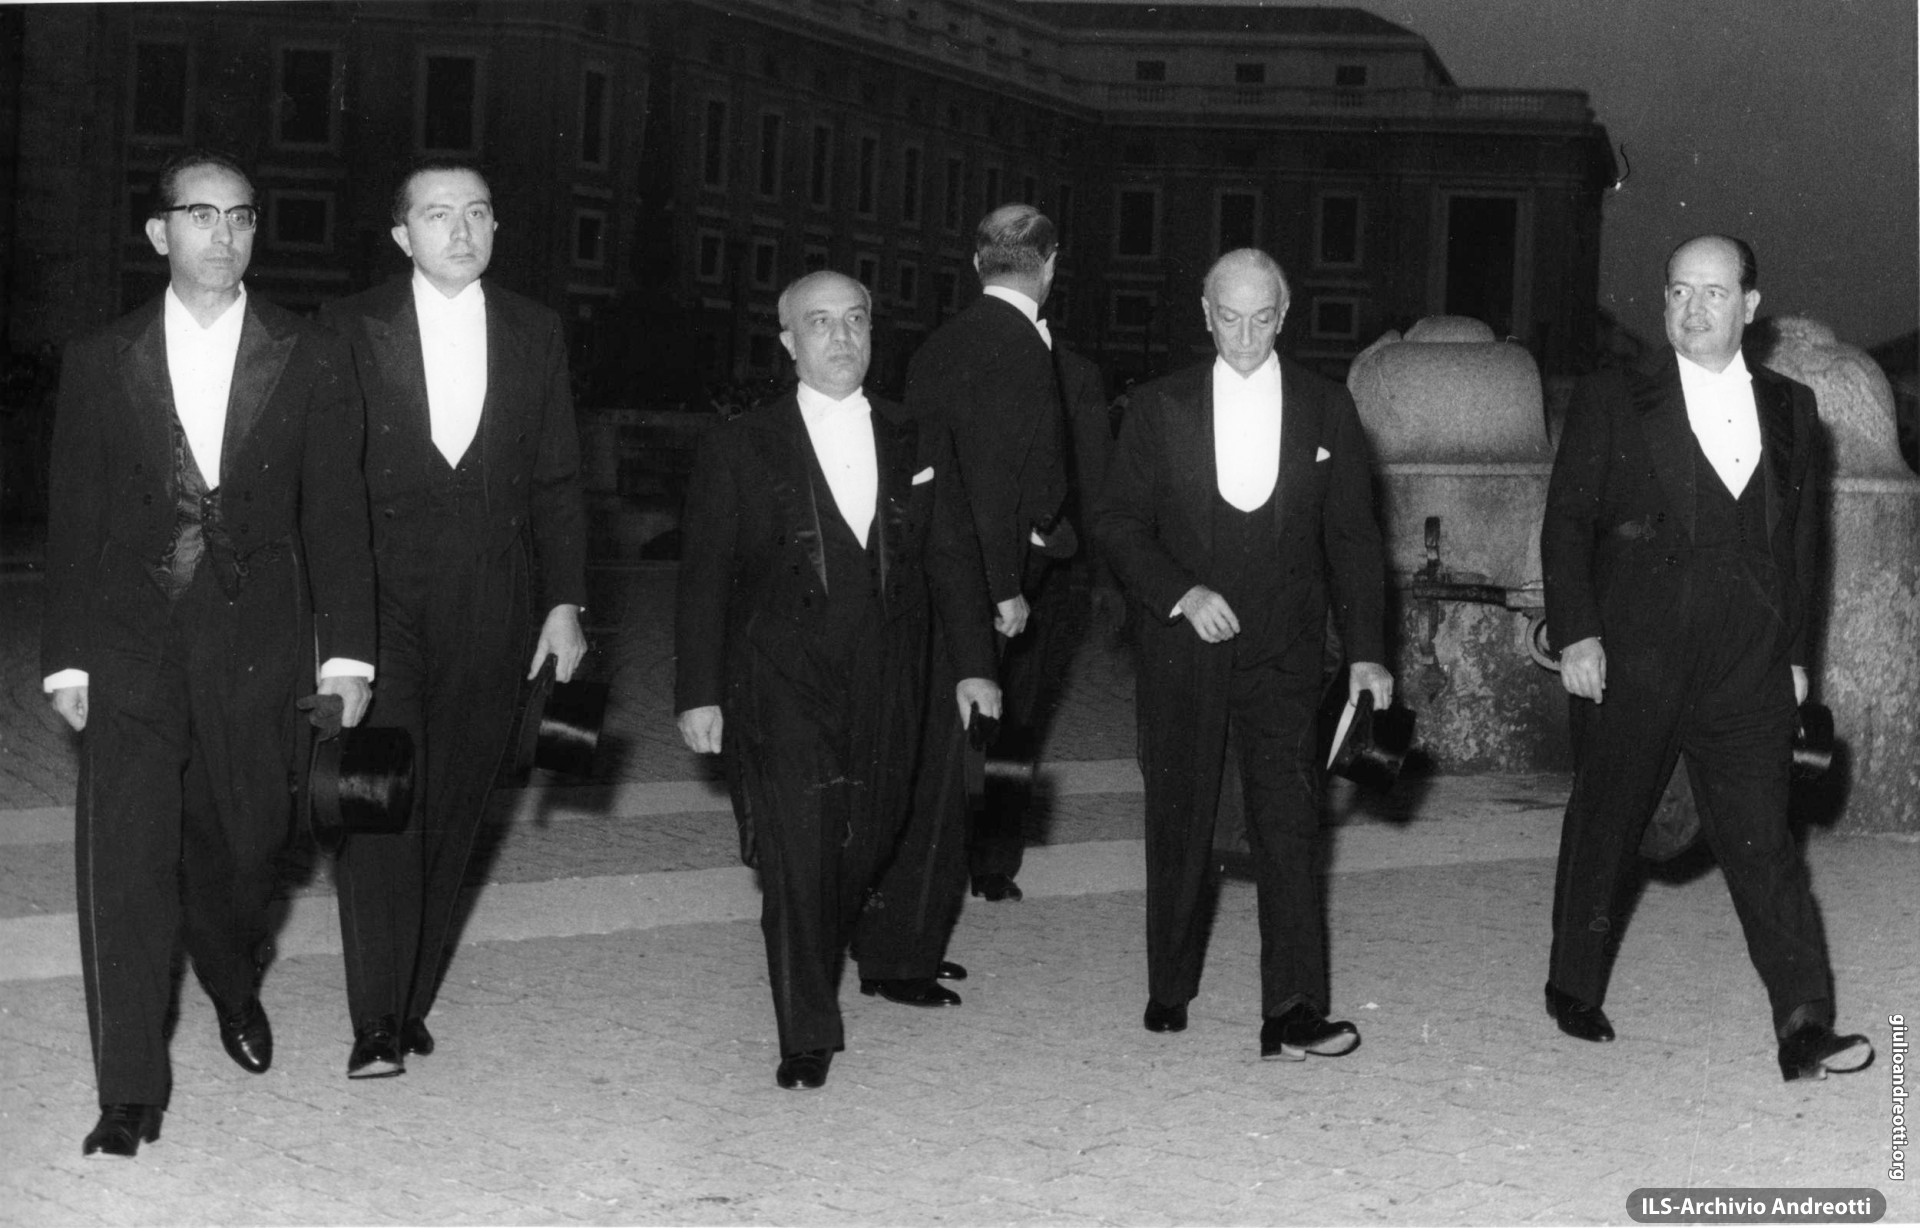 Ottobre 1958. La delegazione del governo italiano ai funerali di Pio XII: Emilio Colombo, Giulio Andreotti, Amintore Fanfani, Antonio Segni e Giuseppe Togni (foto Reporters Associati)